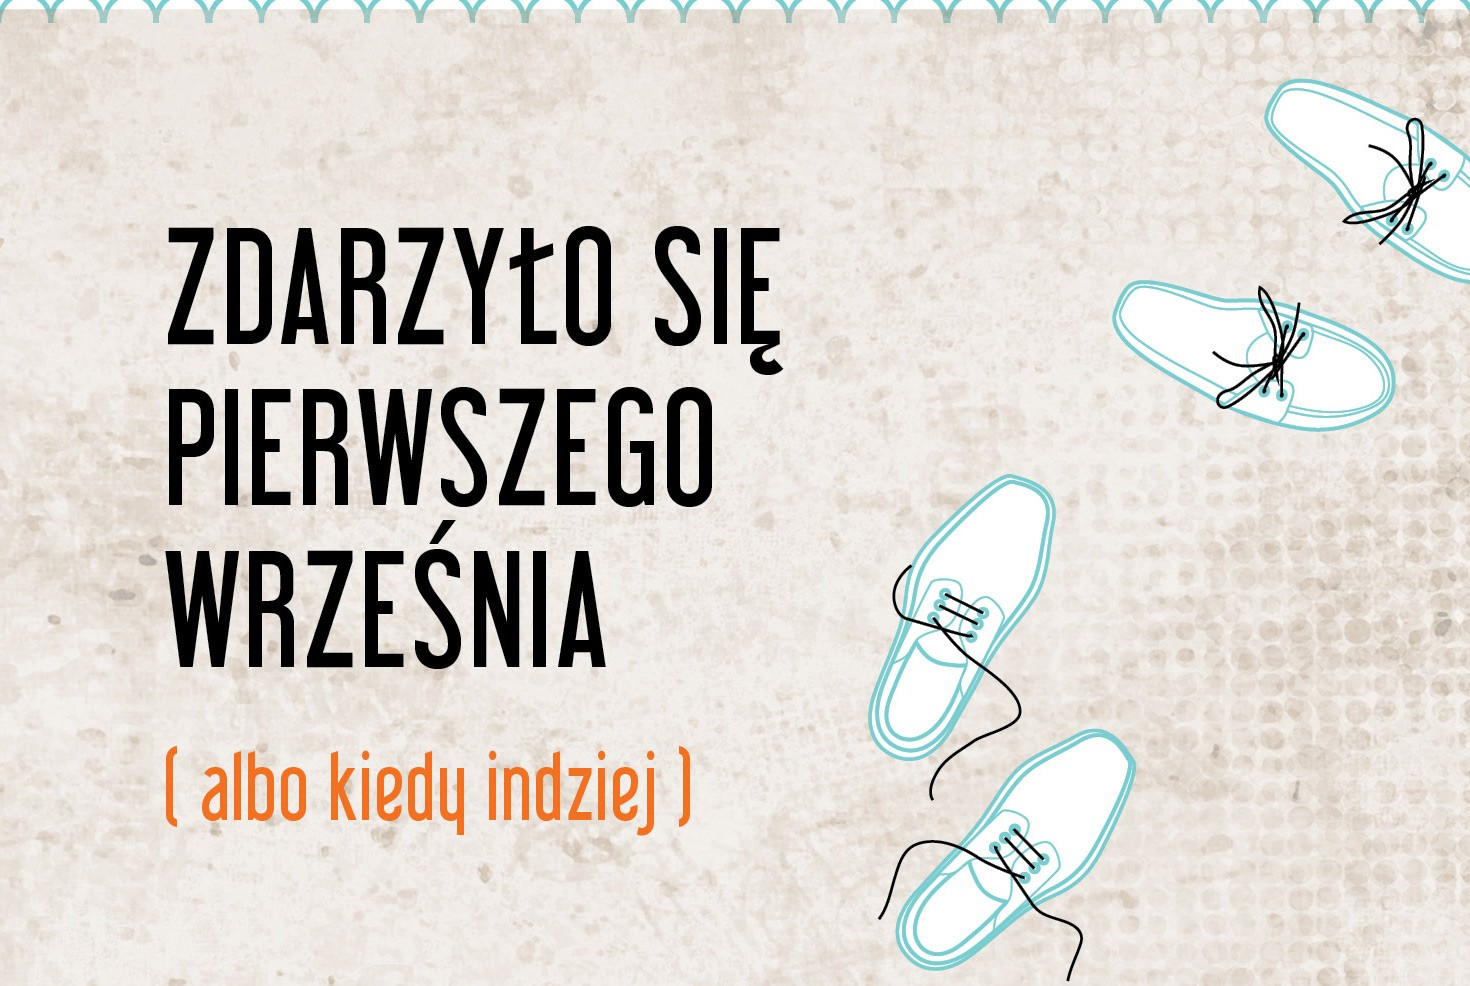 Rankov_Zdarzylo_sie